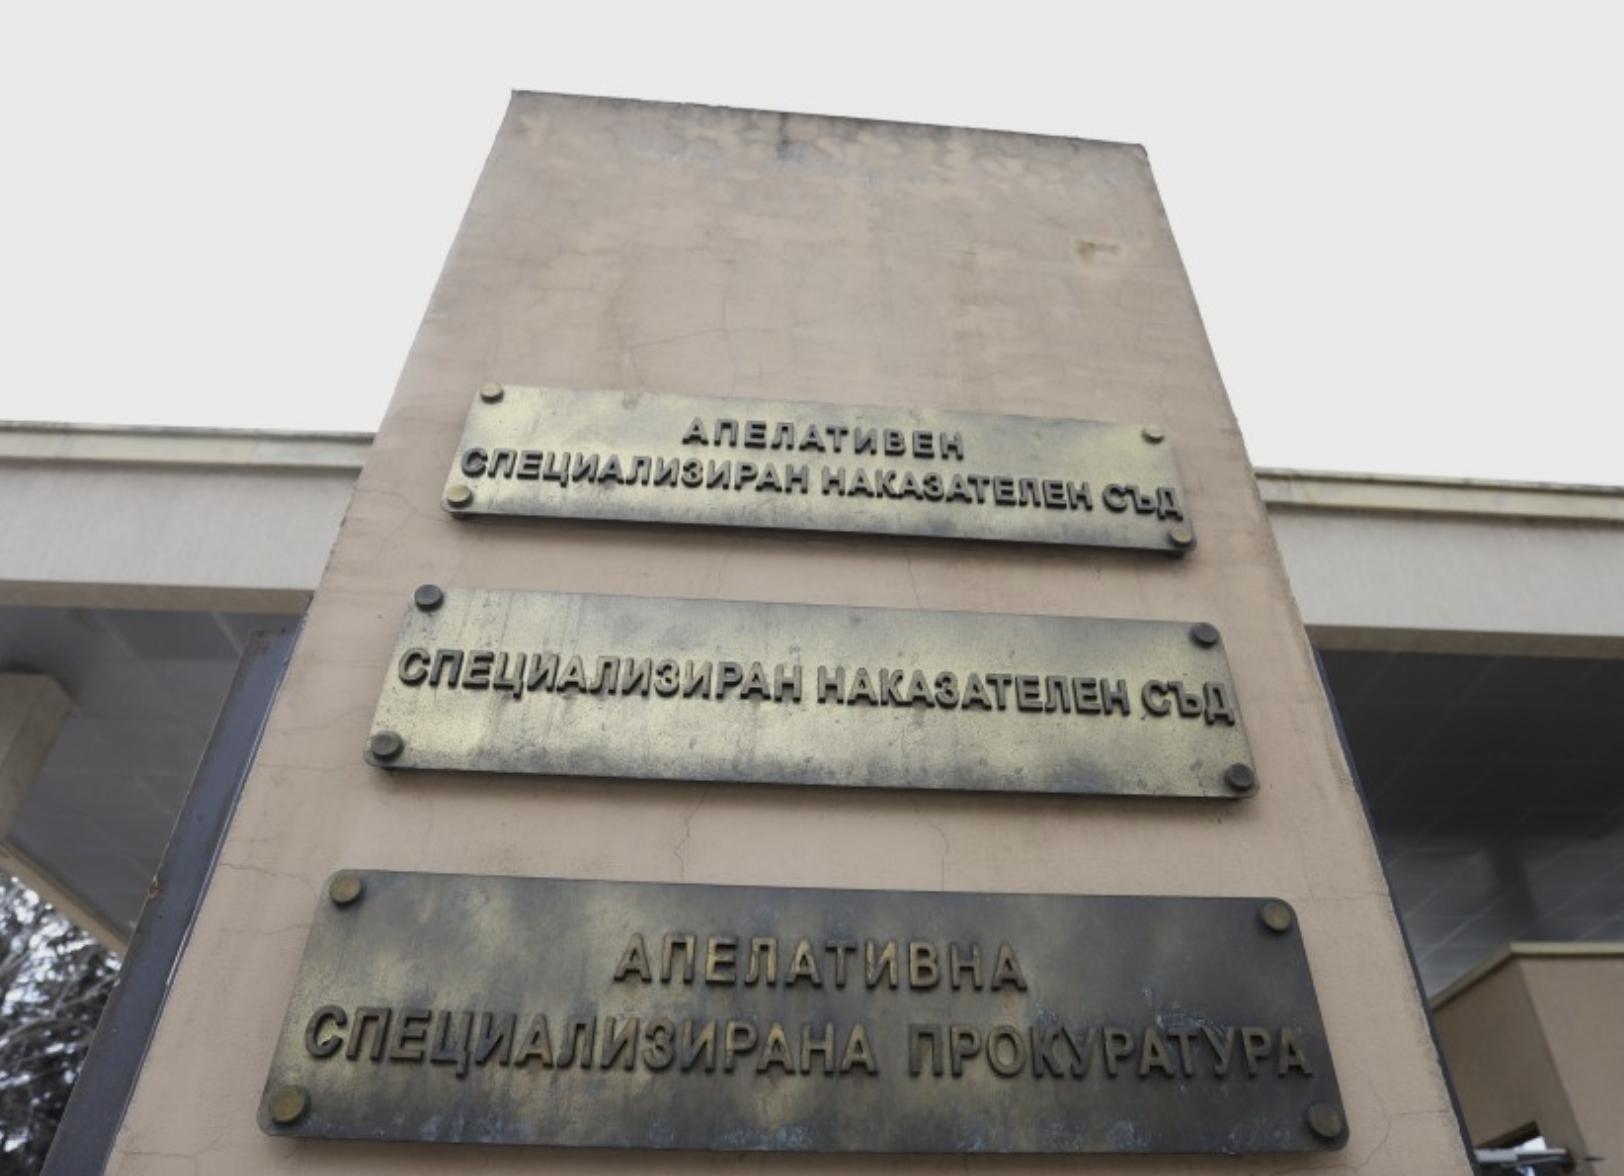 Βουλγαρία: Η Ειδική Εισαγγελία κατηγορεί αρχηγό κόμματος για κατασκοπεία